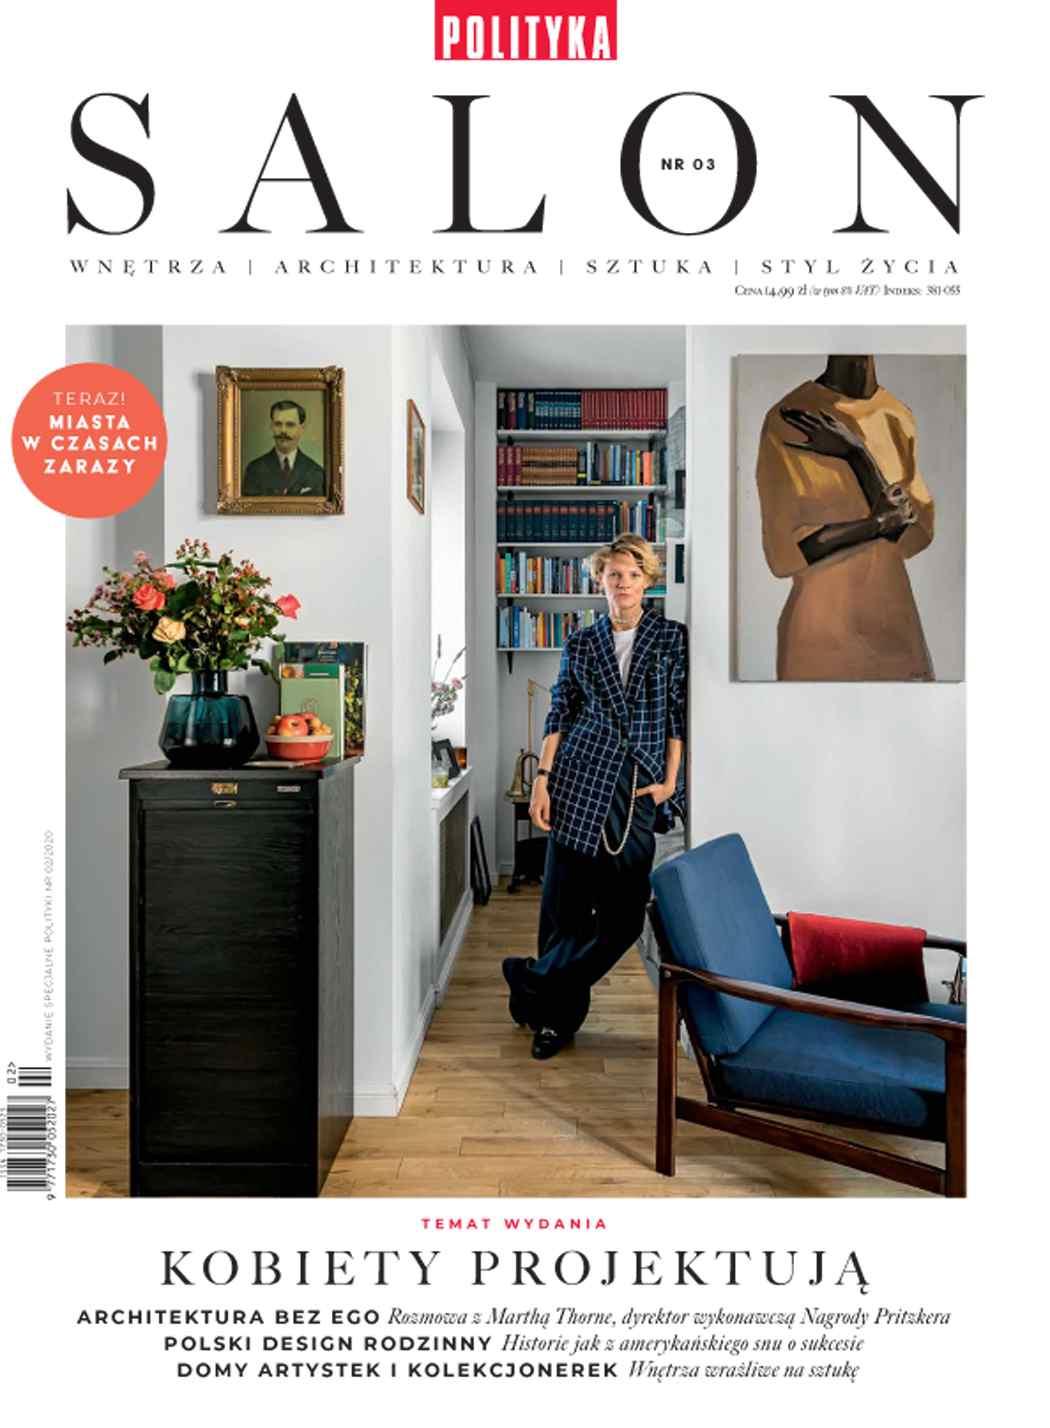 Polityka. Salon. Wydanie specjalne 3/2020 - Ebook (Książka PDF) do pobrania w formacie PDF